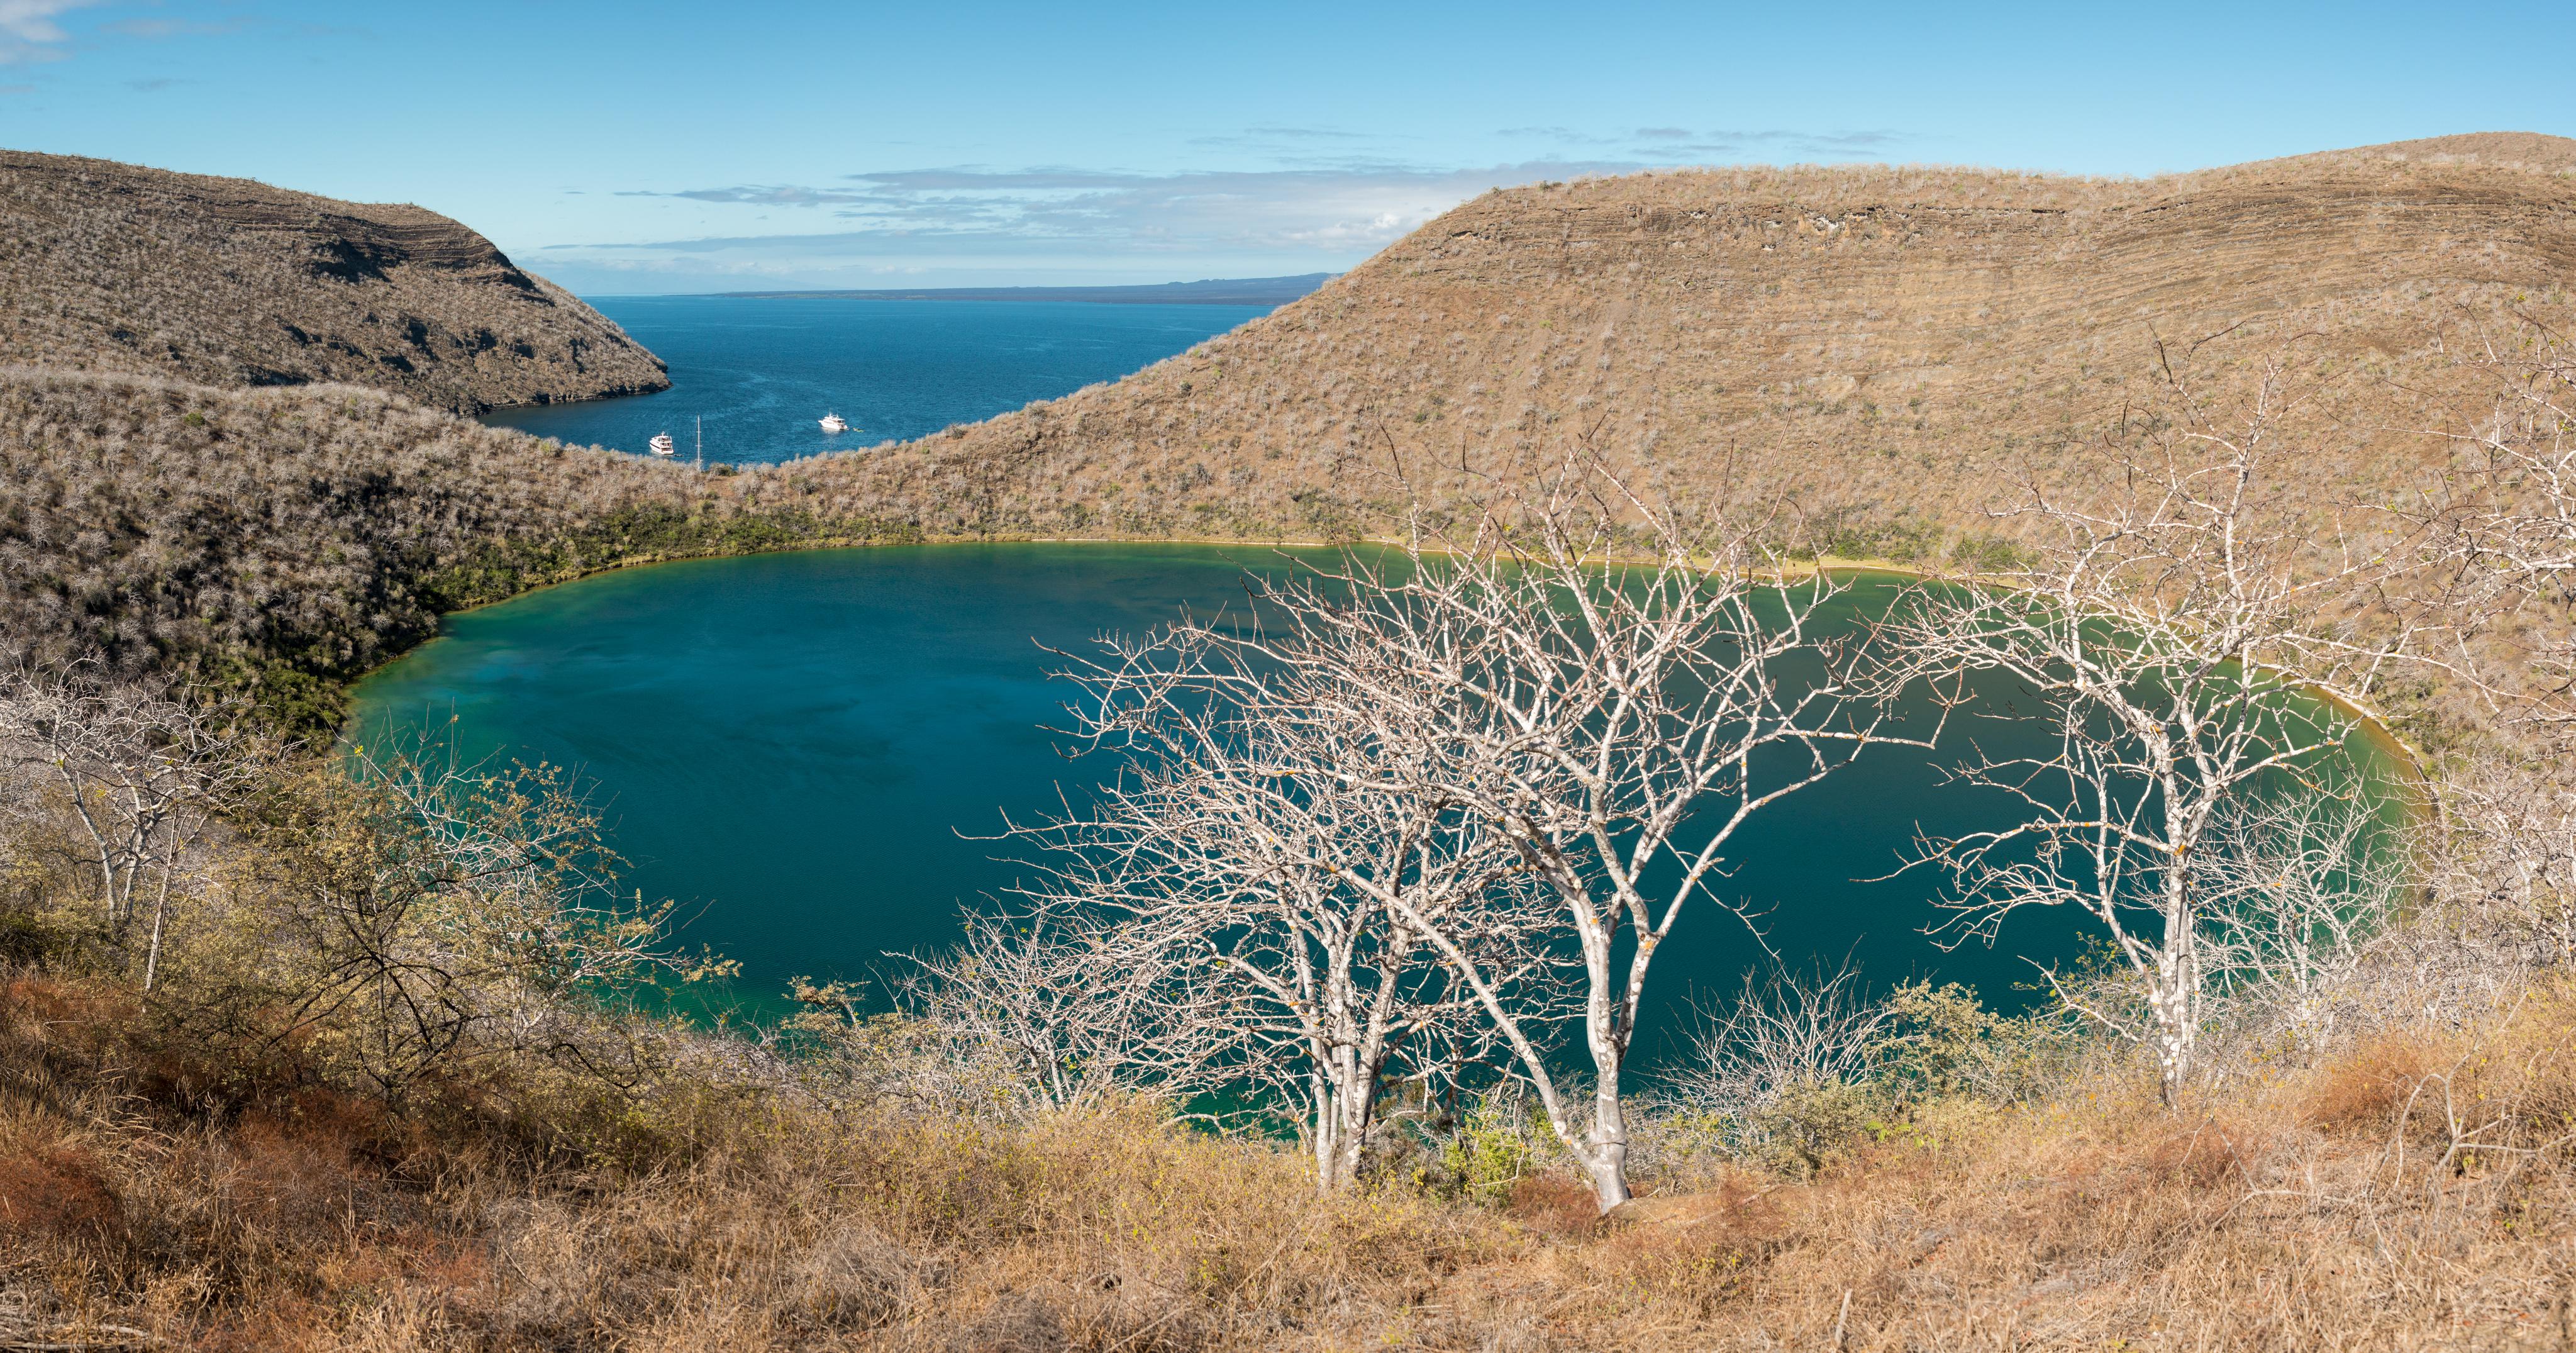 Tagas Cove